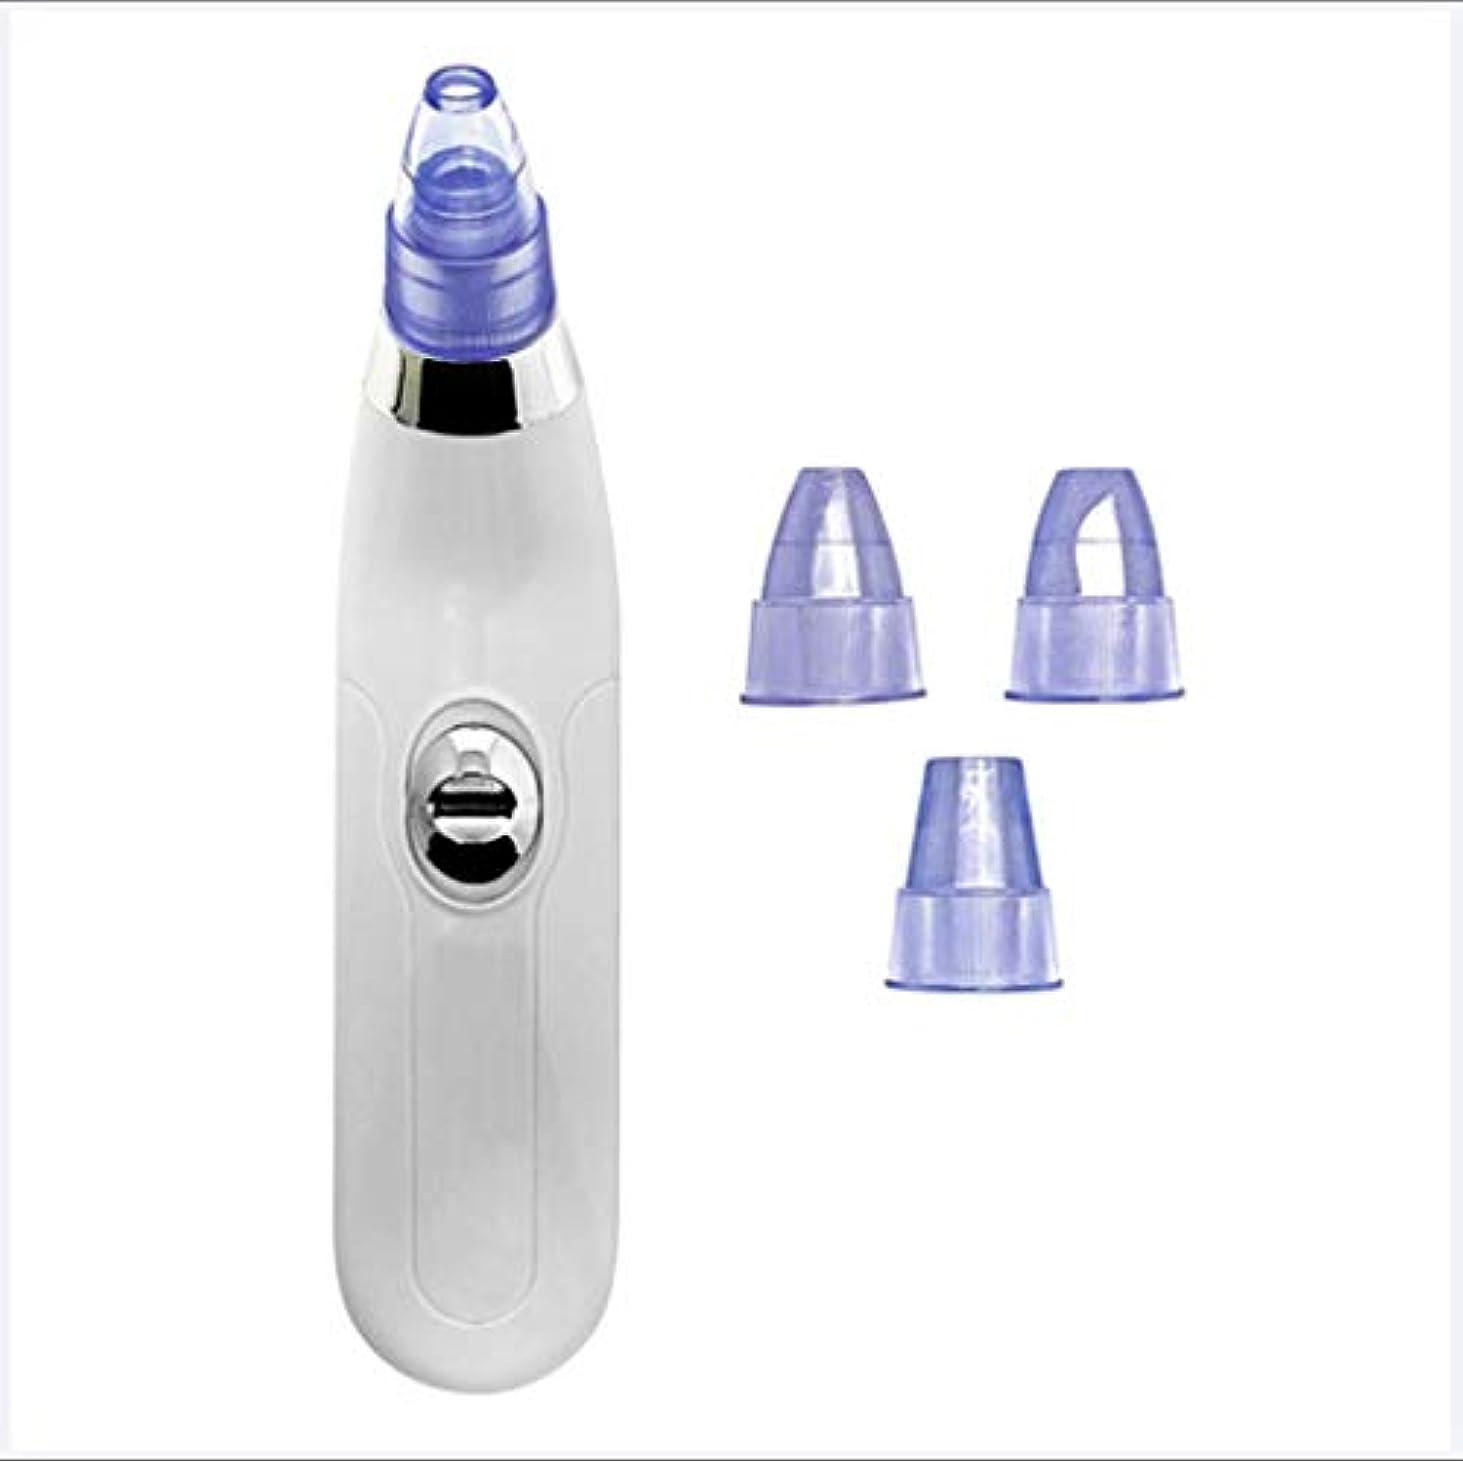 汗思い出す勉強する電気くすみメーター - にきび - 家庭用電子クレンジング器具 - 美容器具